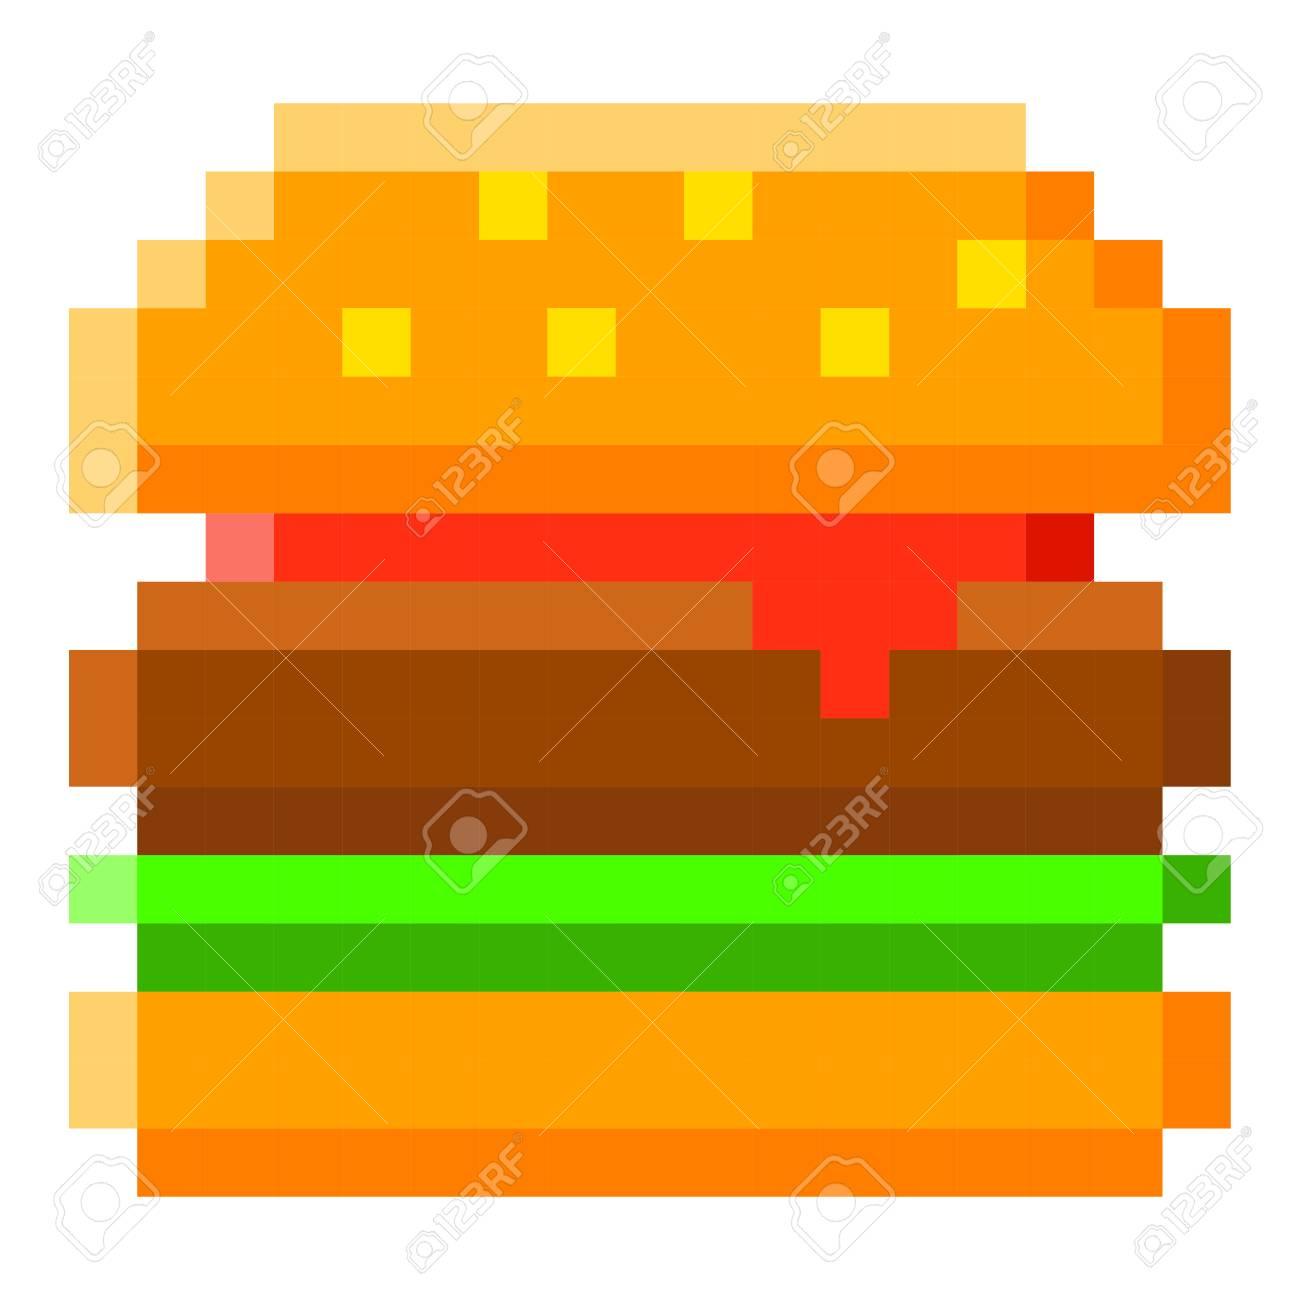 Pixelated burger icon